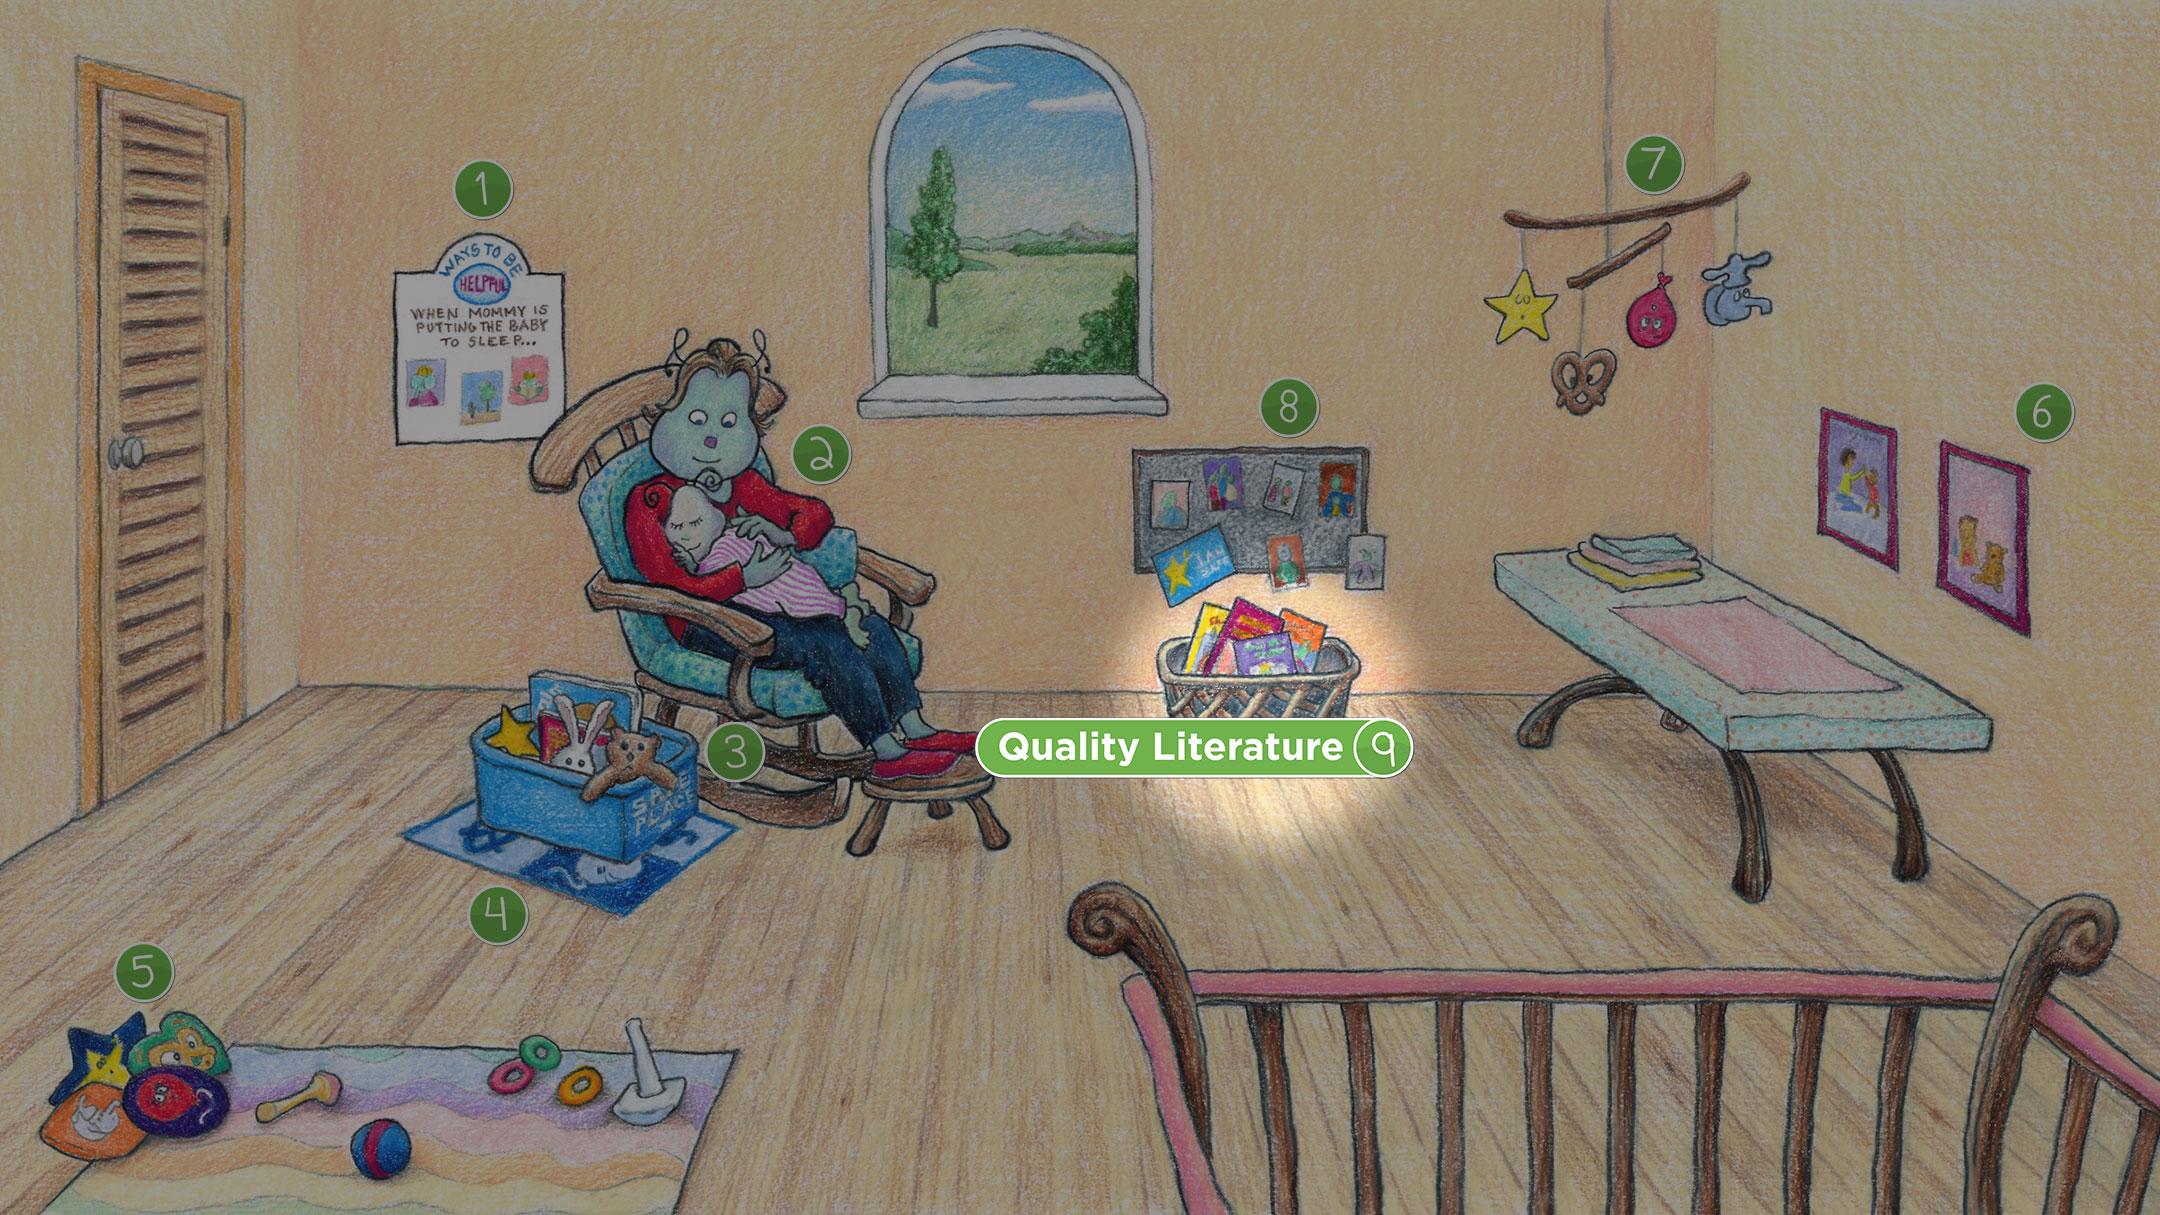 Nursery Room: Quality Literature